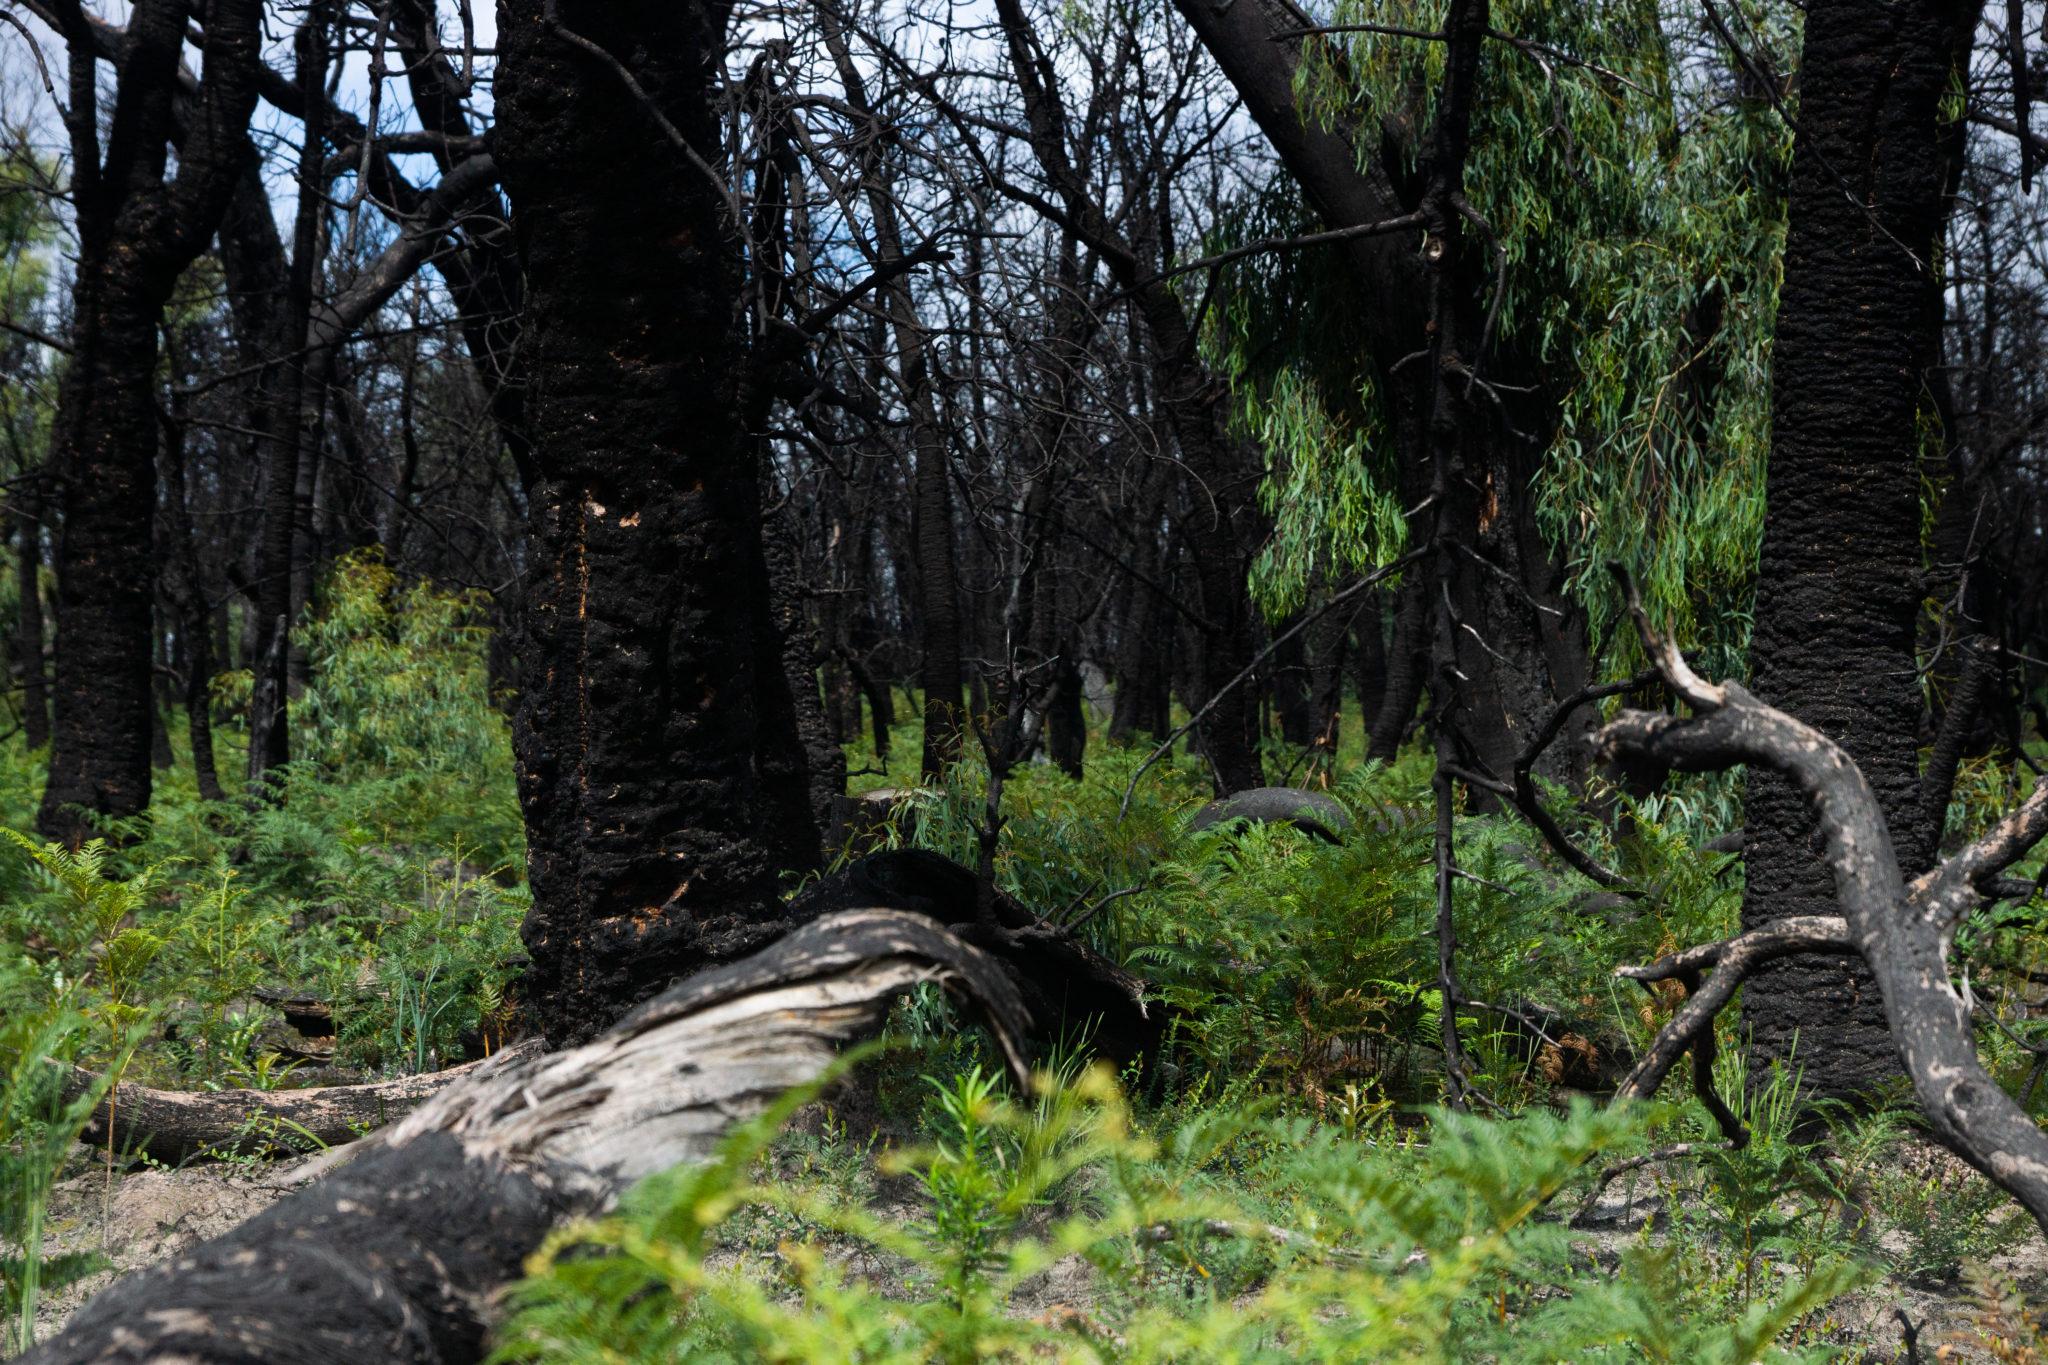 Refuge from Bushfires